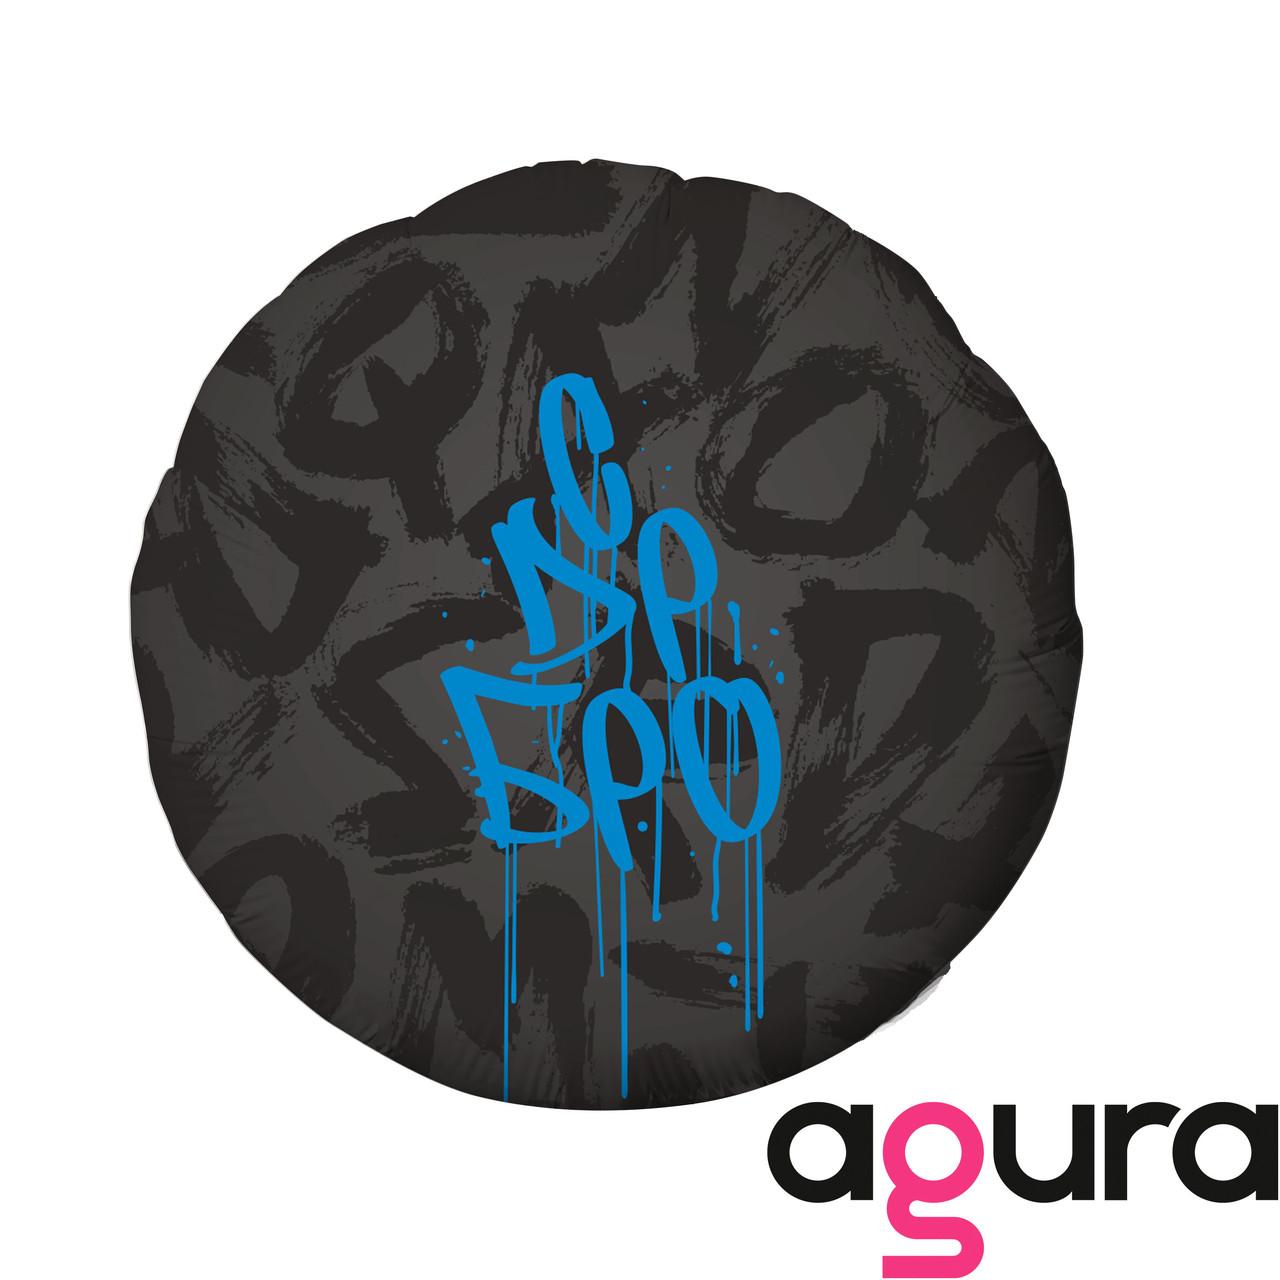 """Фольгированный шар 18' Agura (Агура) Граффити """"С Др, Бро"""", 45 см"""